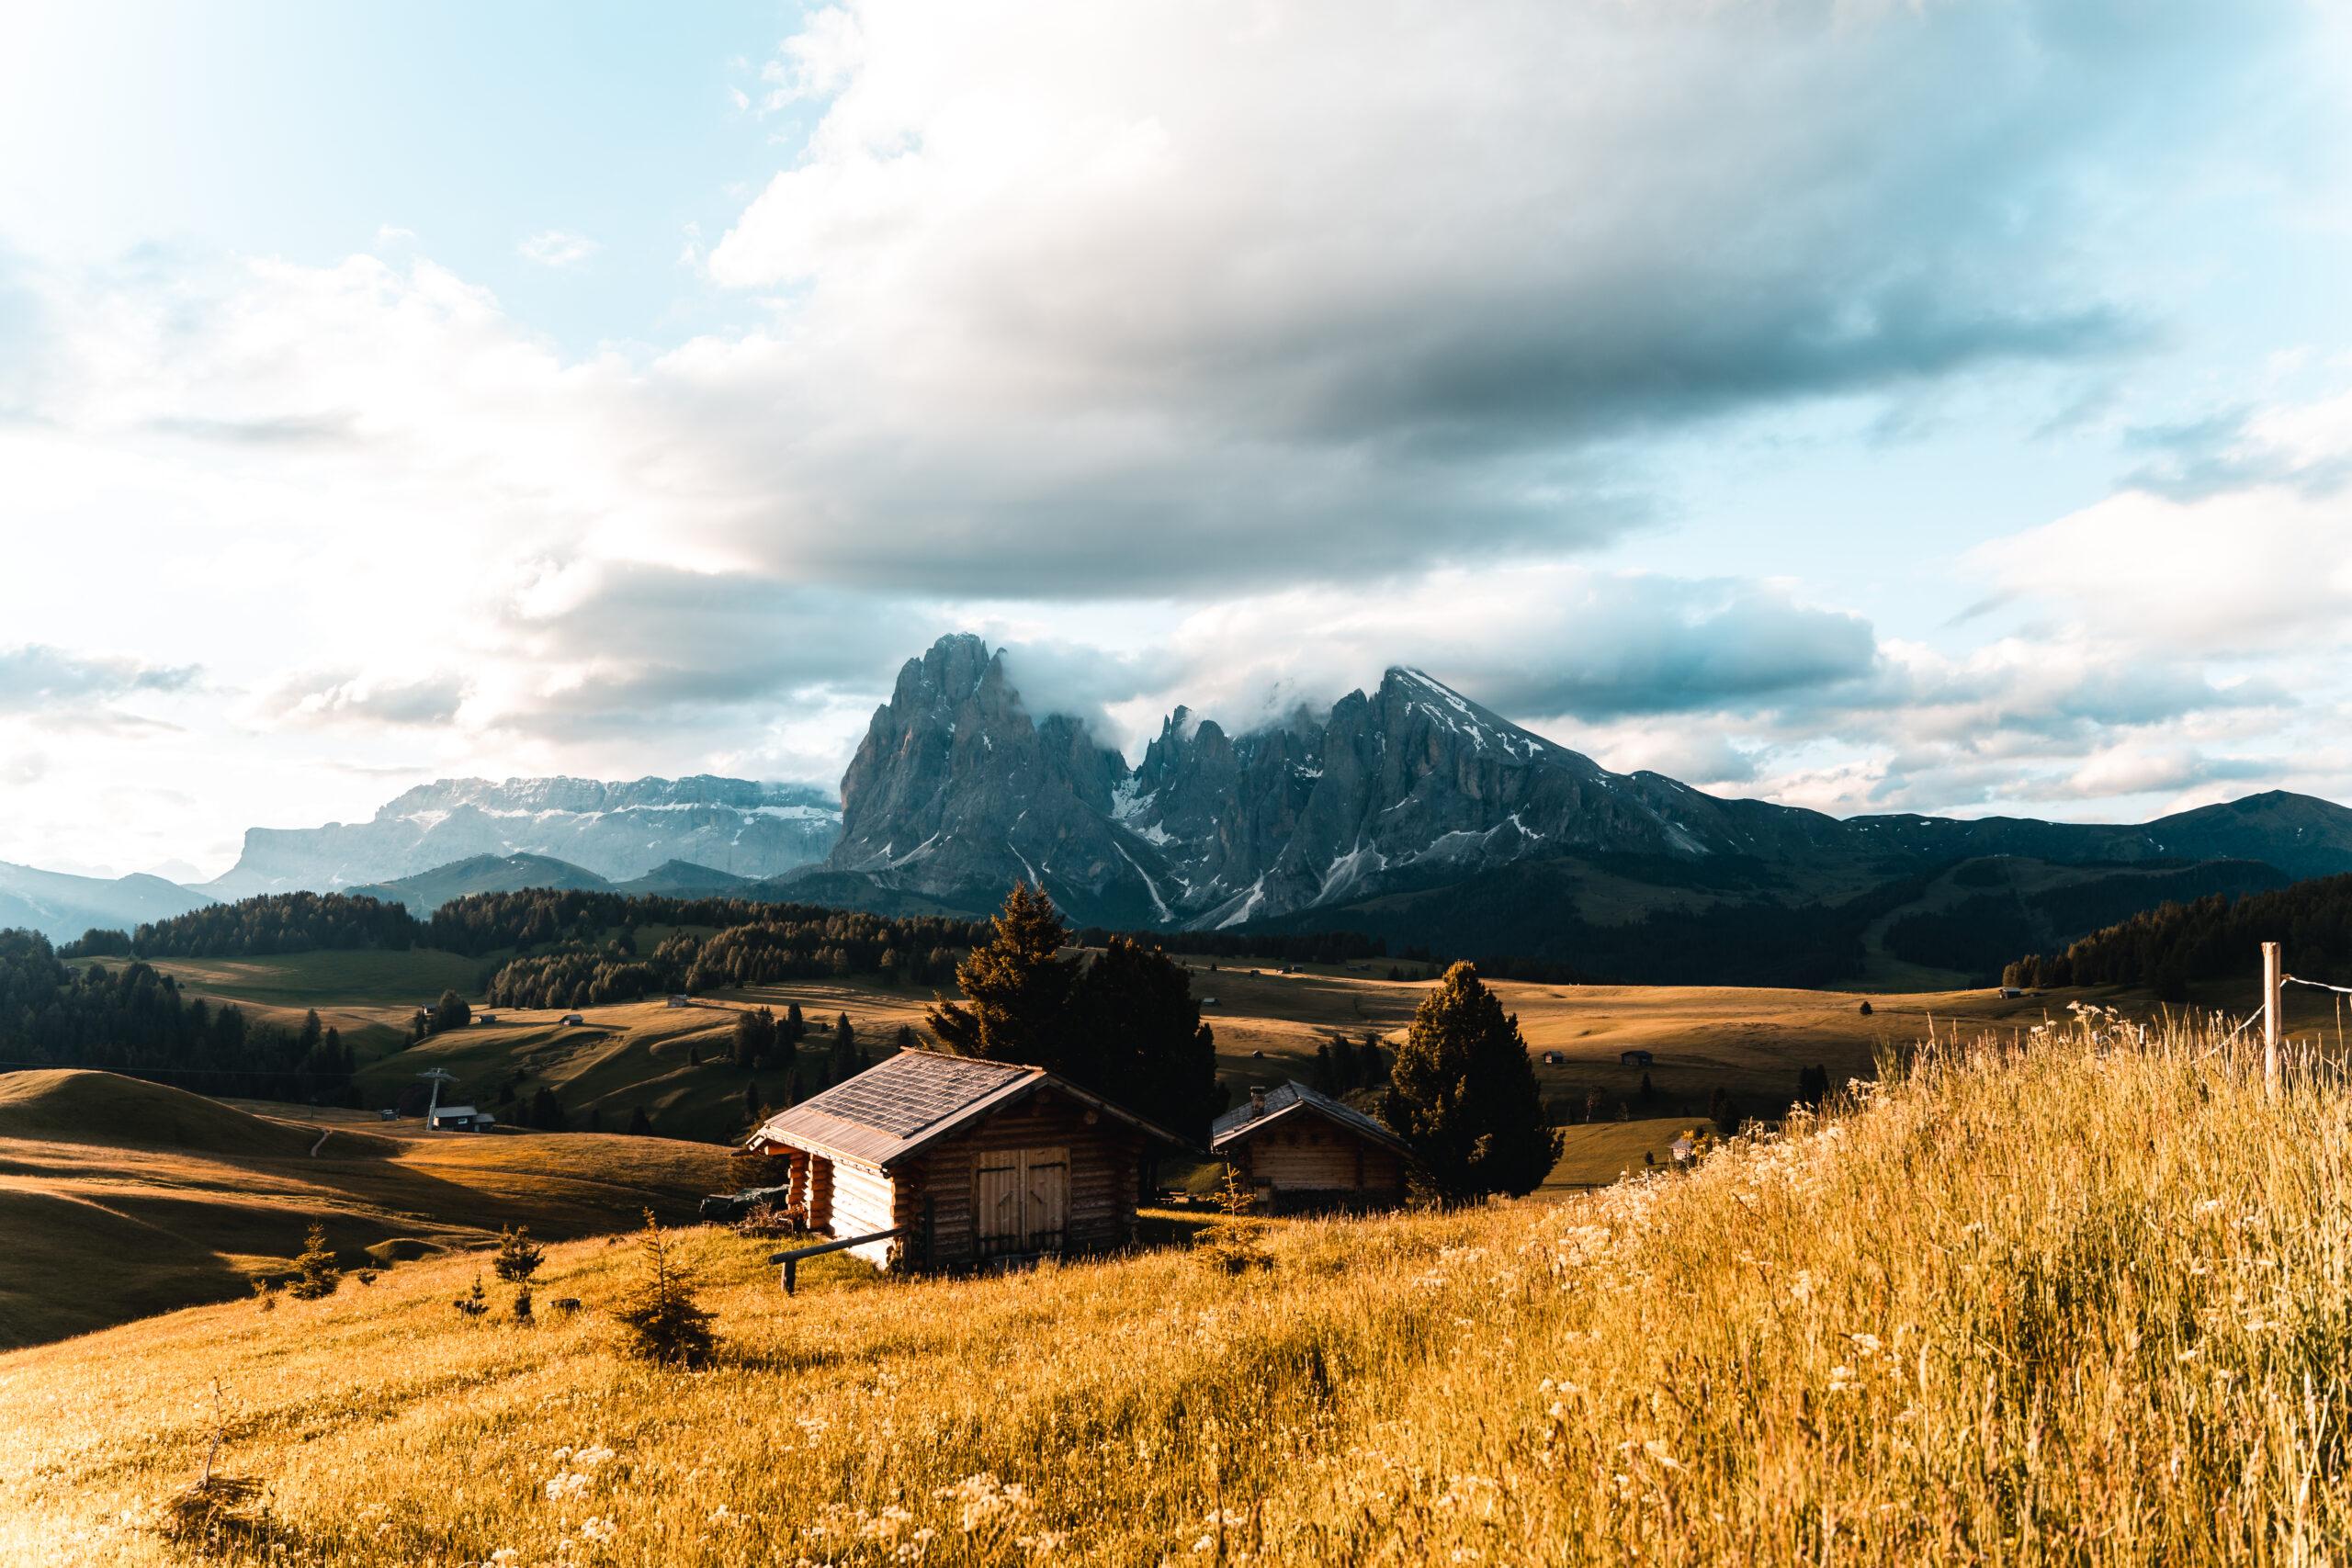 Alpe di Siusi Landscape Photography